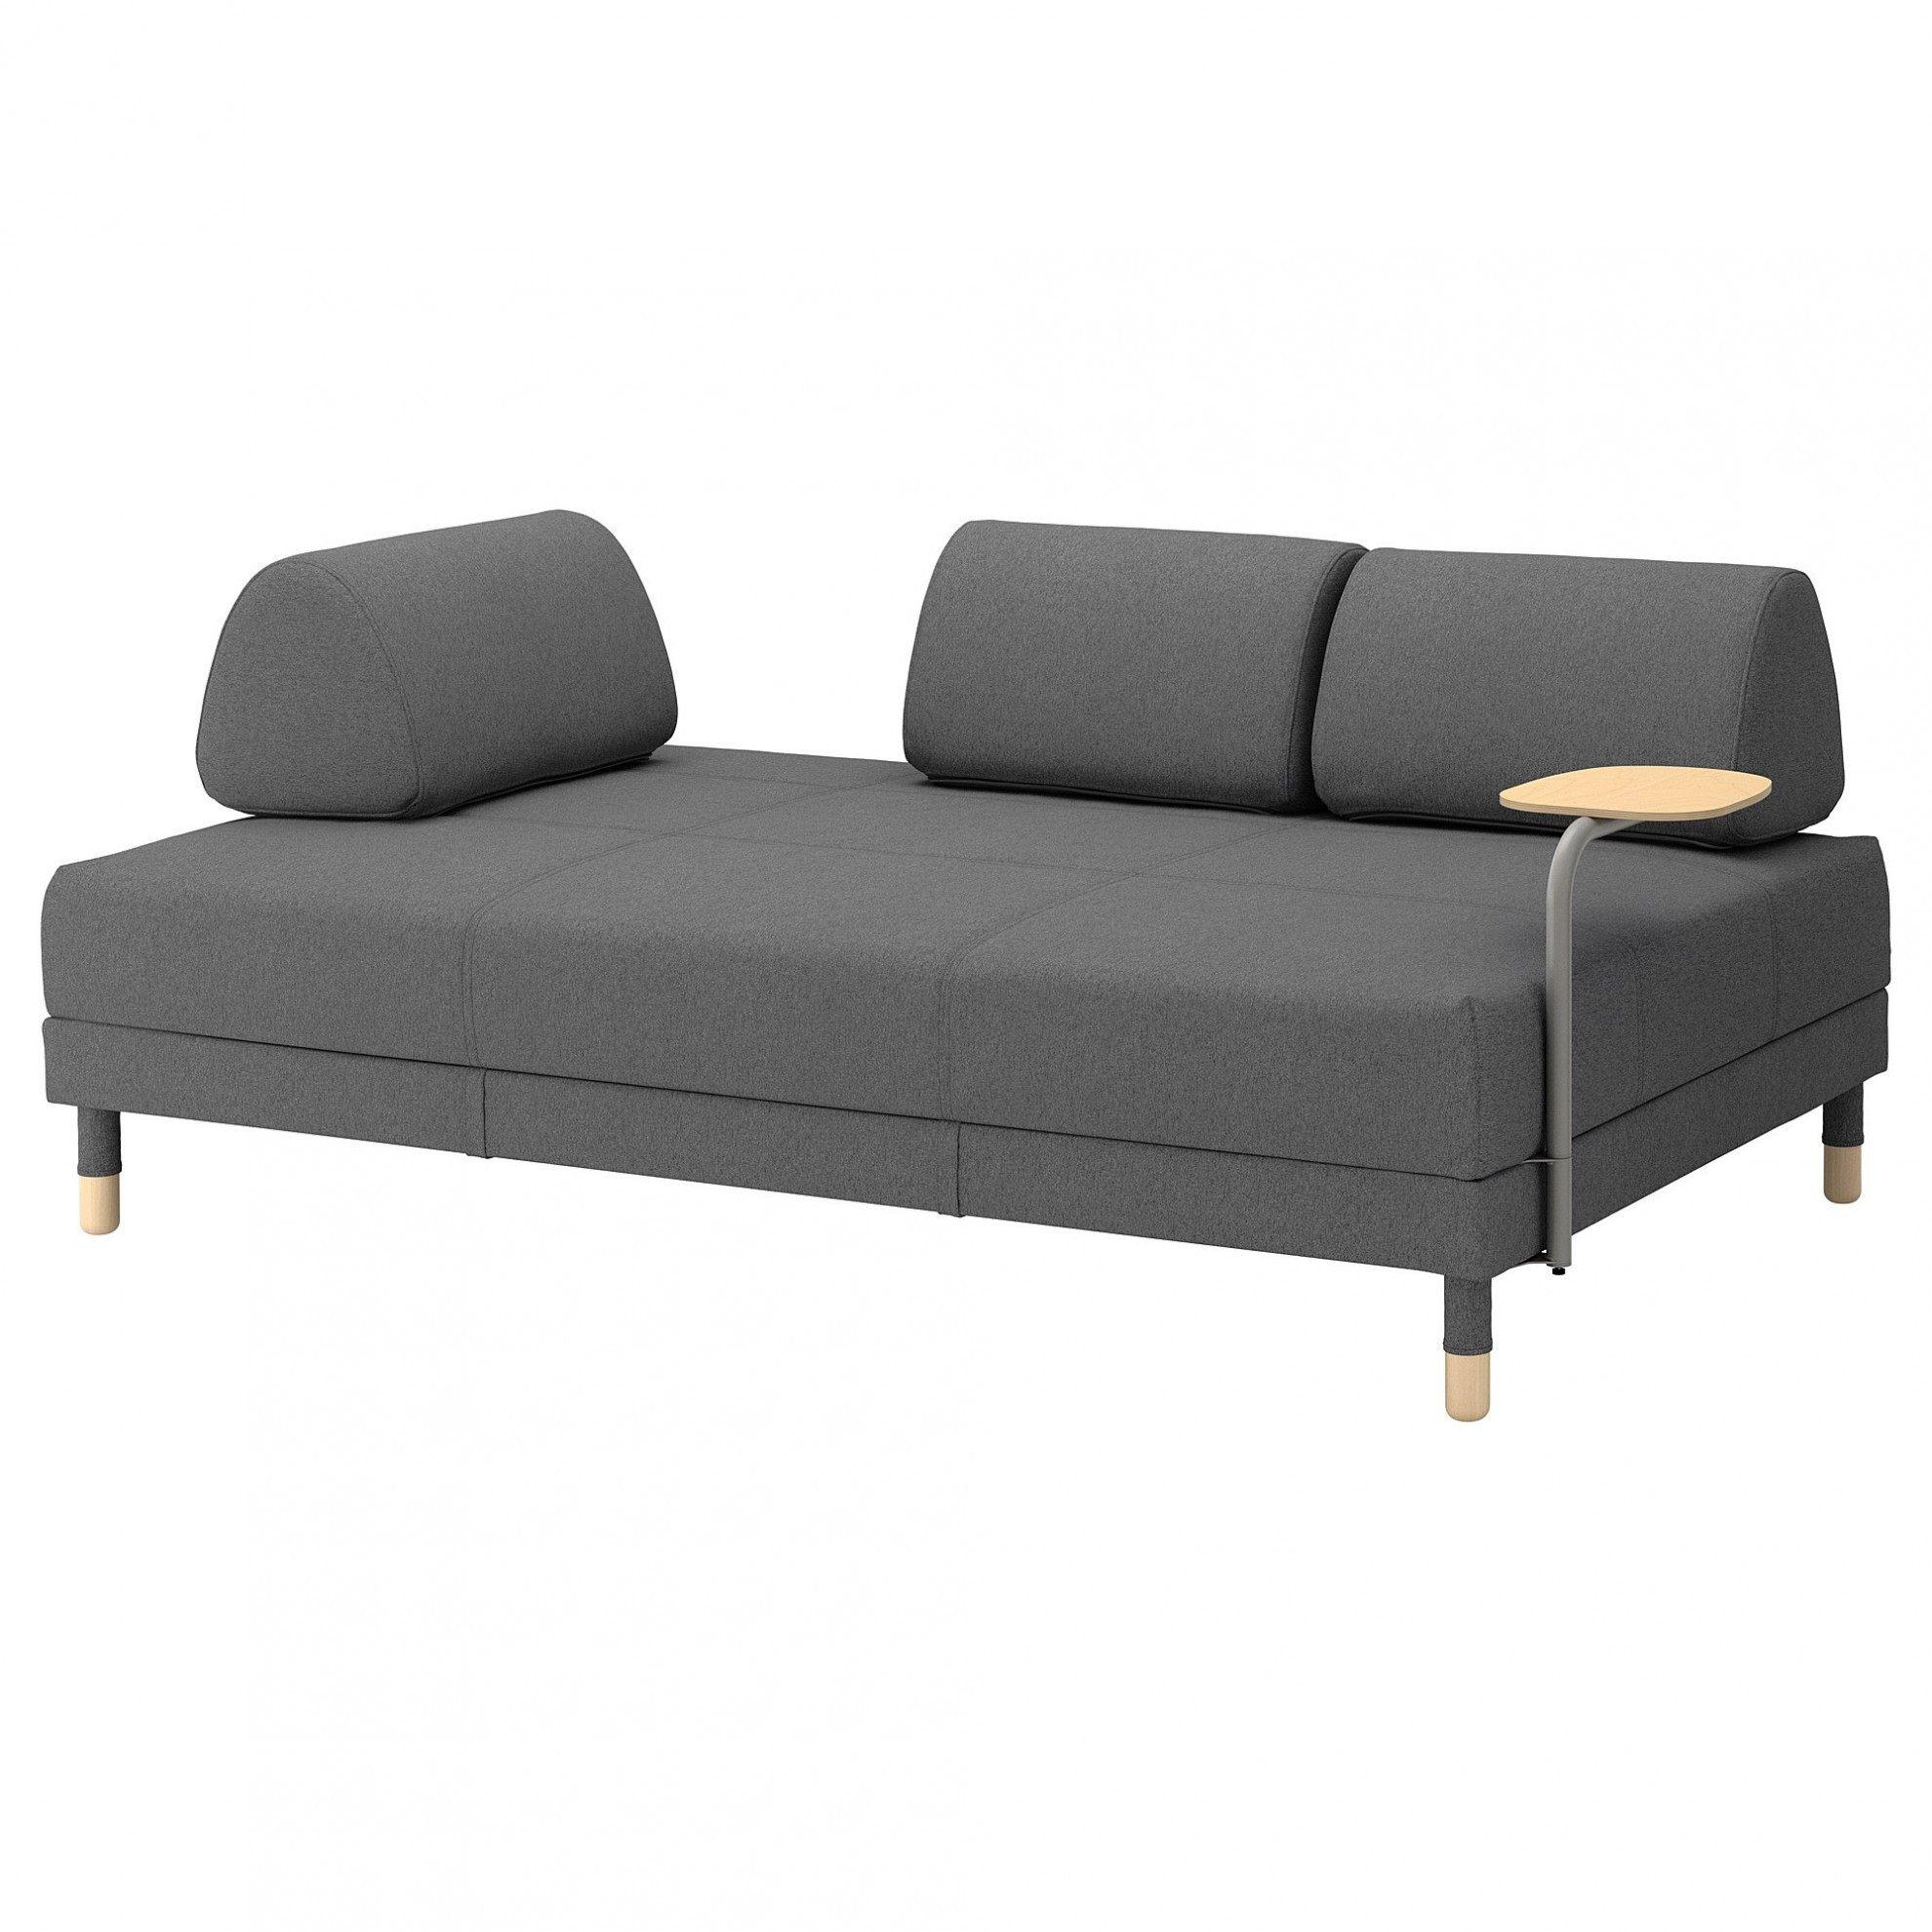 Canapé Convertible Lit Superposé Frais Entra Nant Lit Superposé Avec Canapé Sur Lit Biné Armoire Fresh Lit